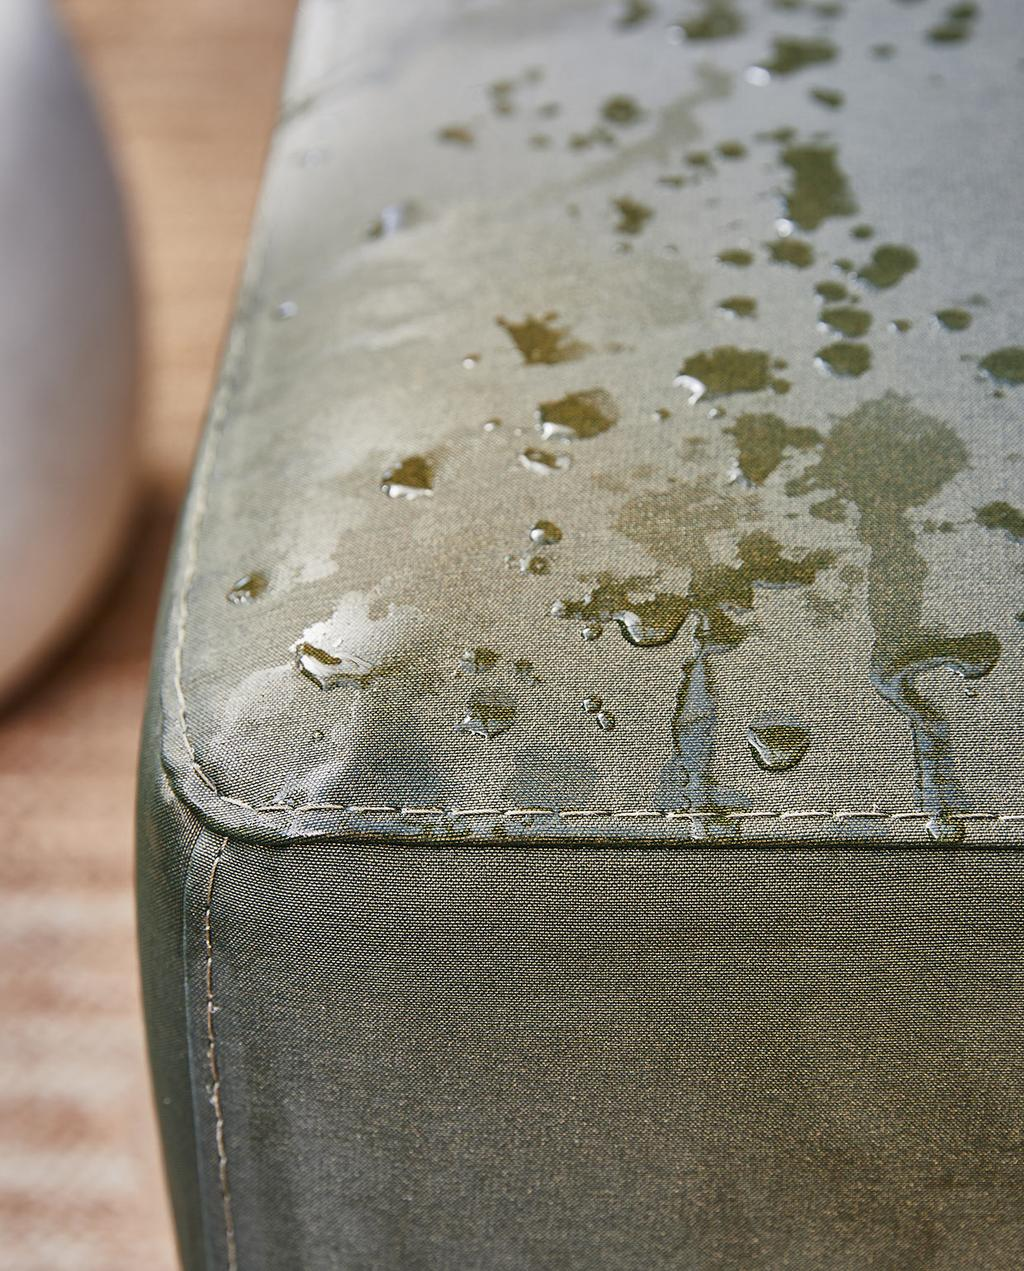 vtwonen 05-2021 | regen op de buitenbank met groene kussen